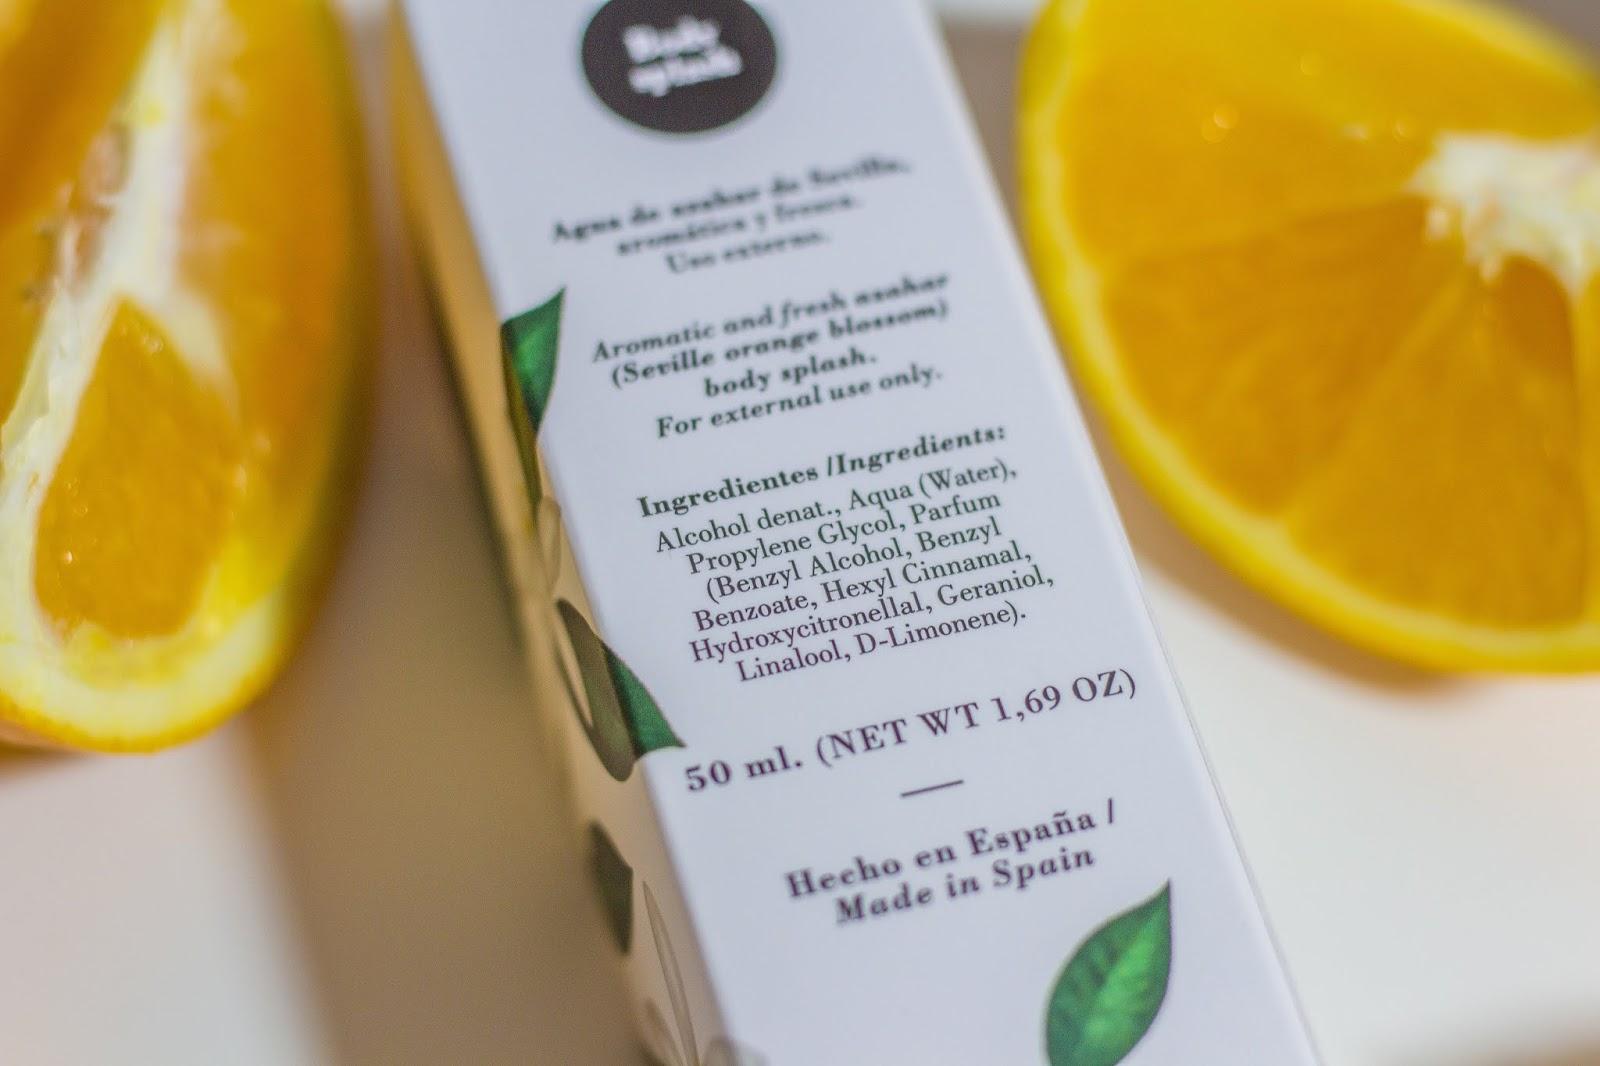 produits-naturels-espagnols-bendita-luz